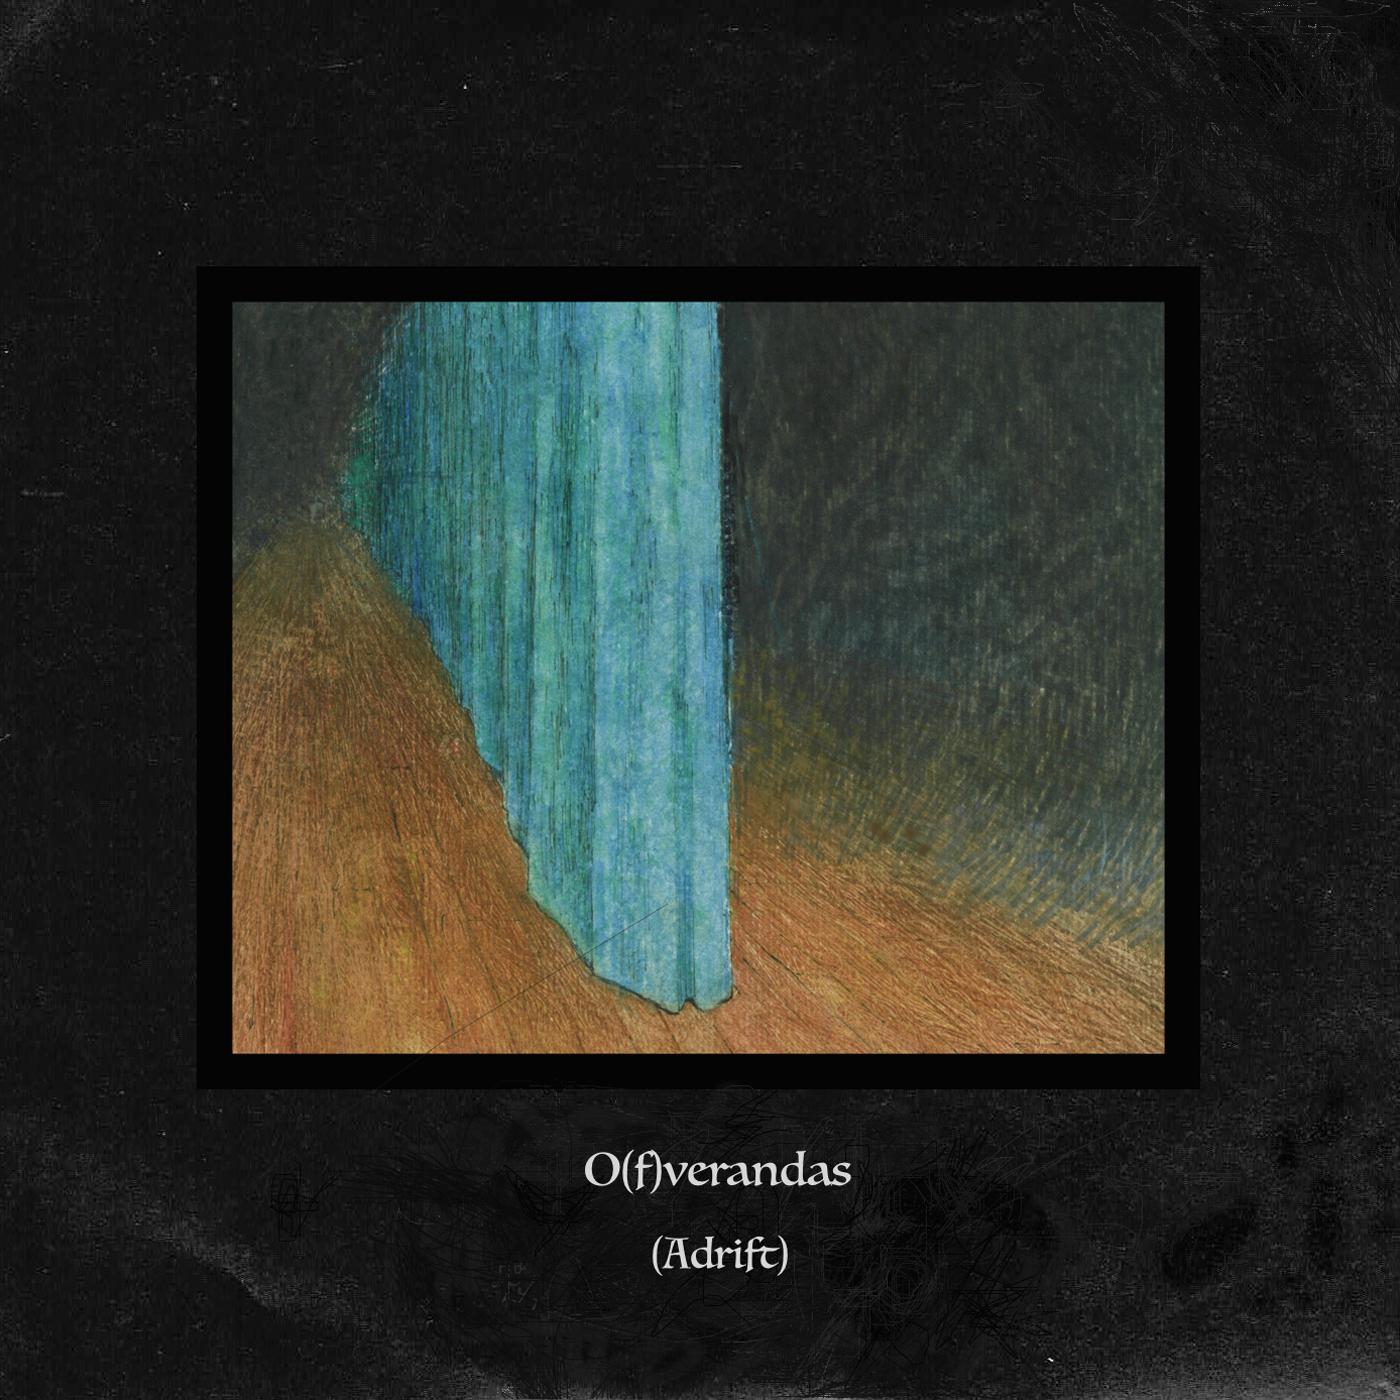 O(f)verandas (Adrift)